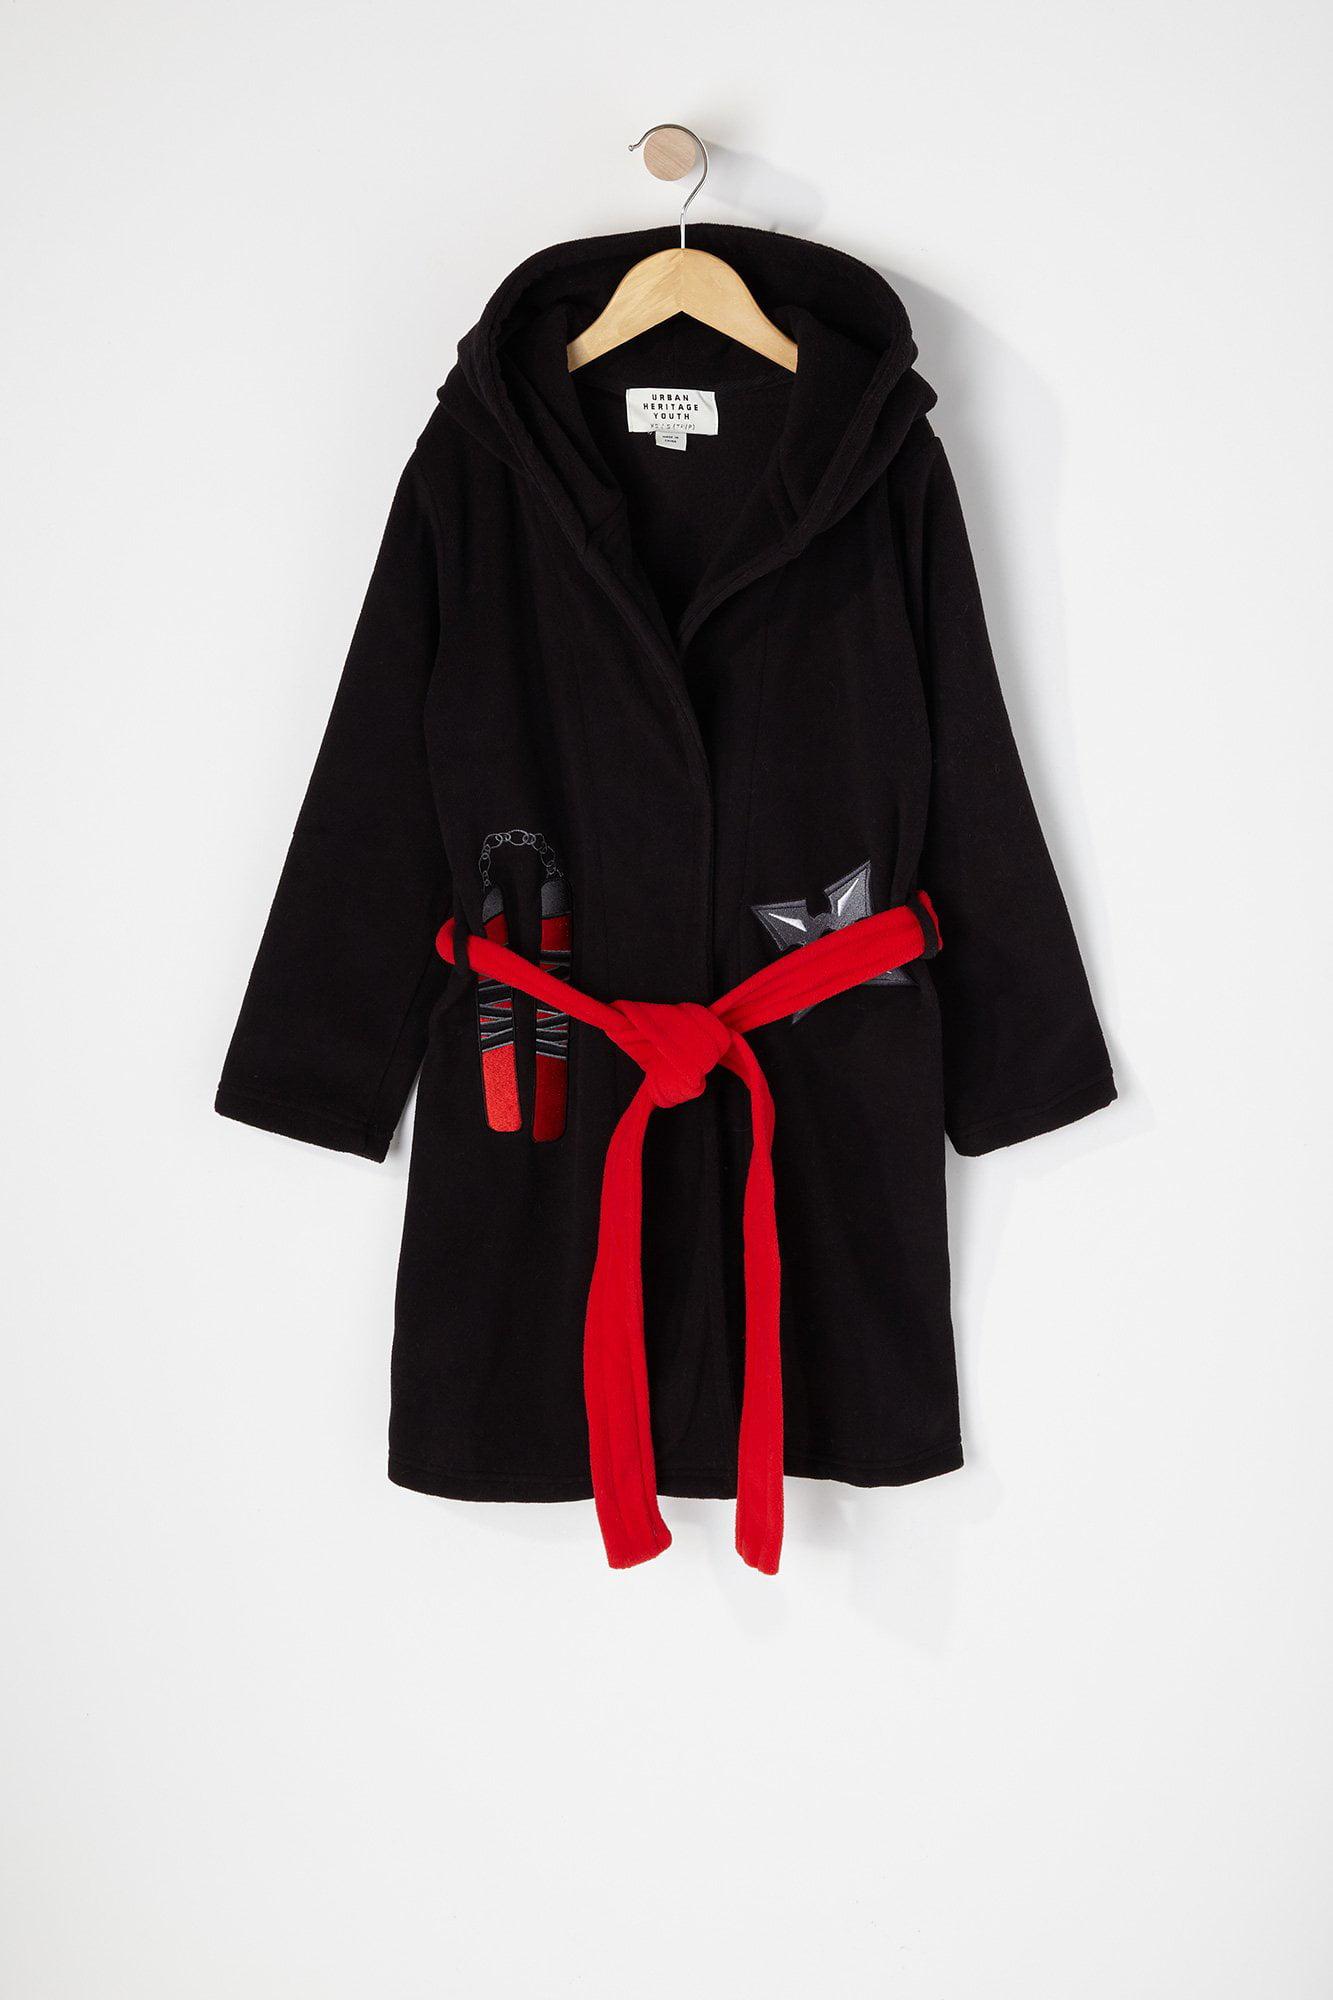 Batman Boys Black Fleece Robe Size 2T 3T 4T 5T 6 8 10 12